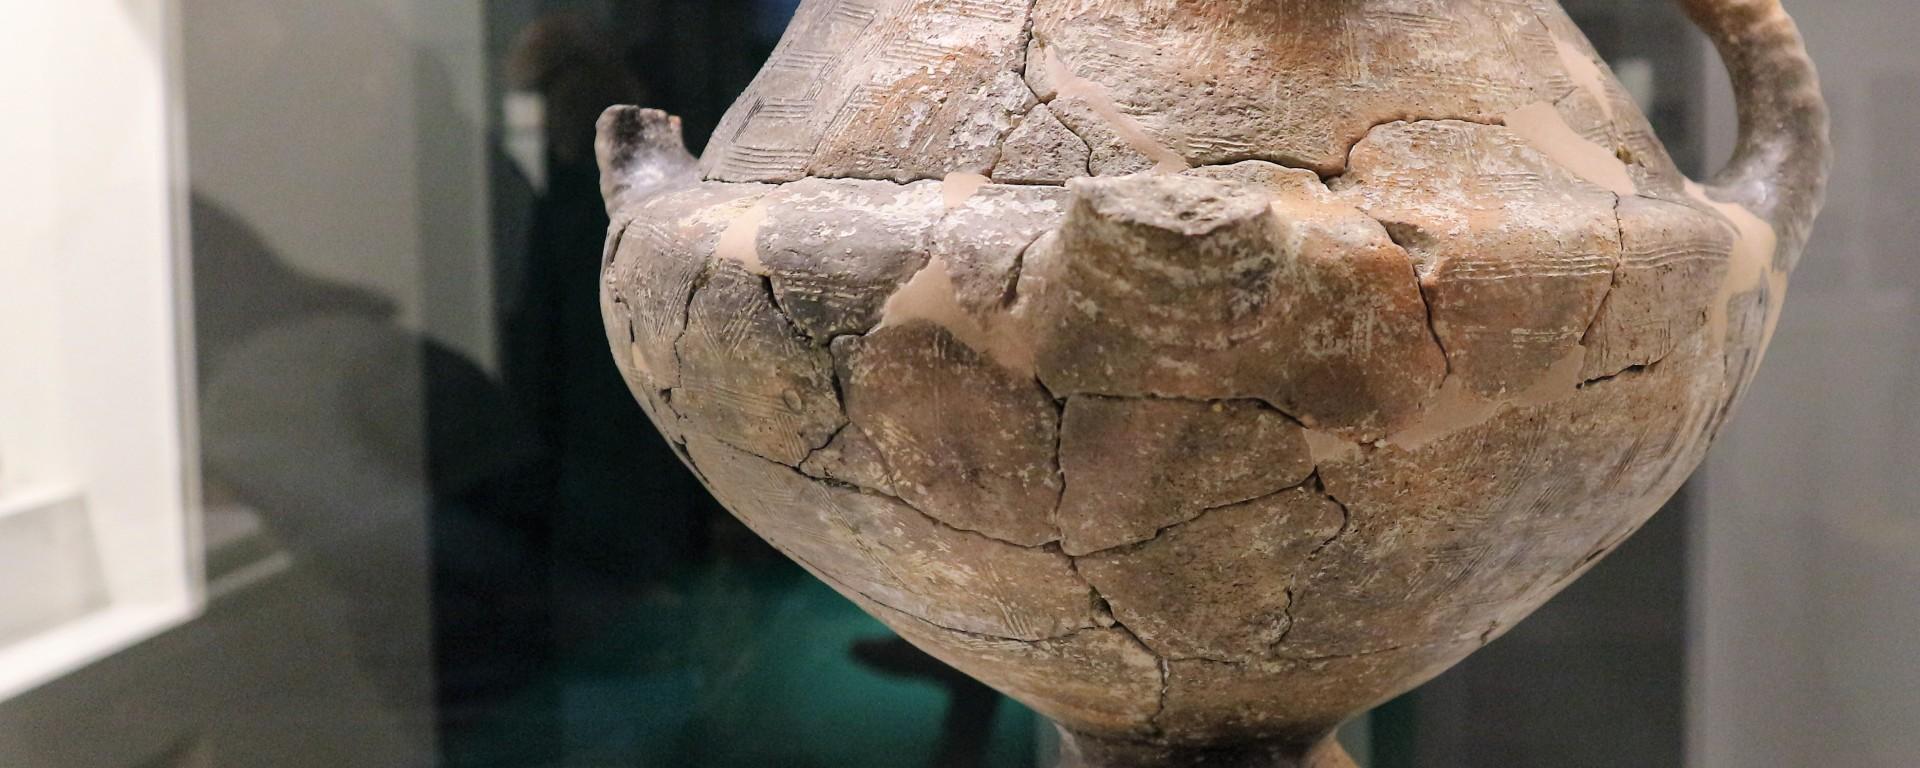 mostra etruschi bologna